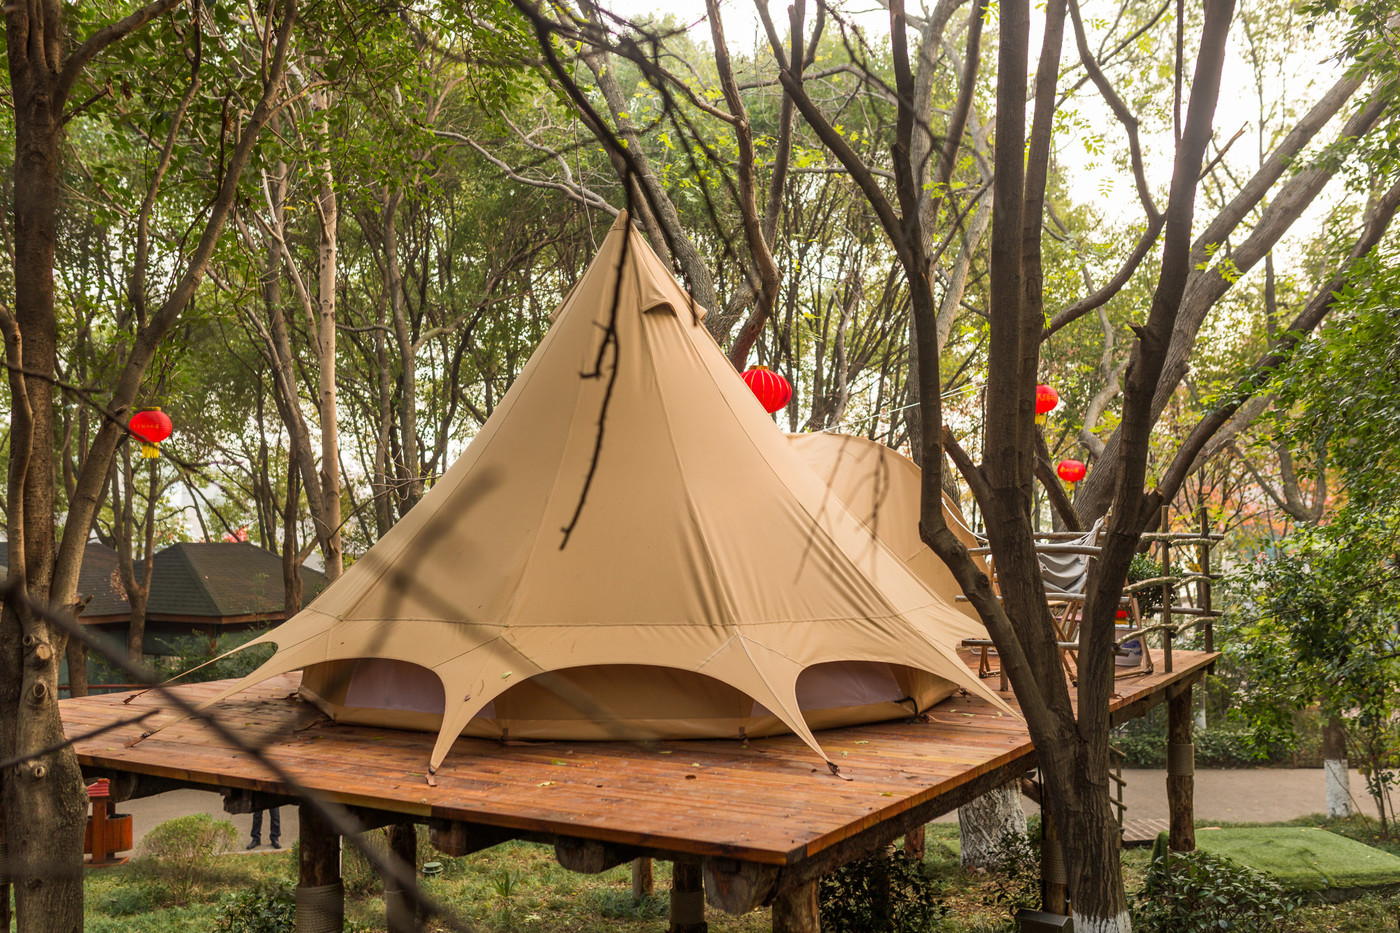 喜马拉雅野奢帐篷酒店—江苏常州天目湖树屋25